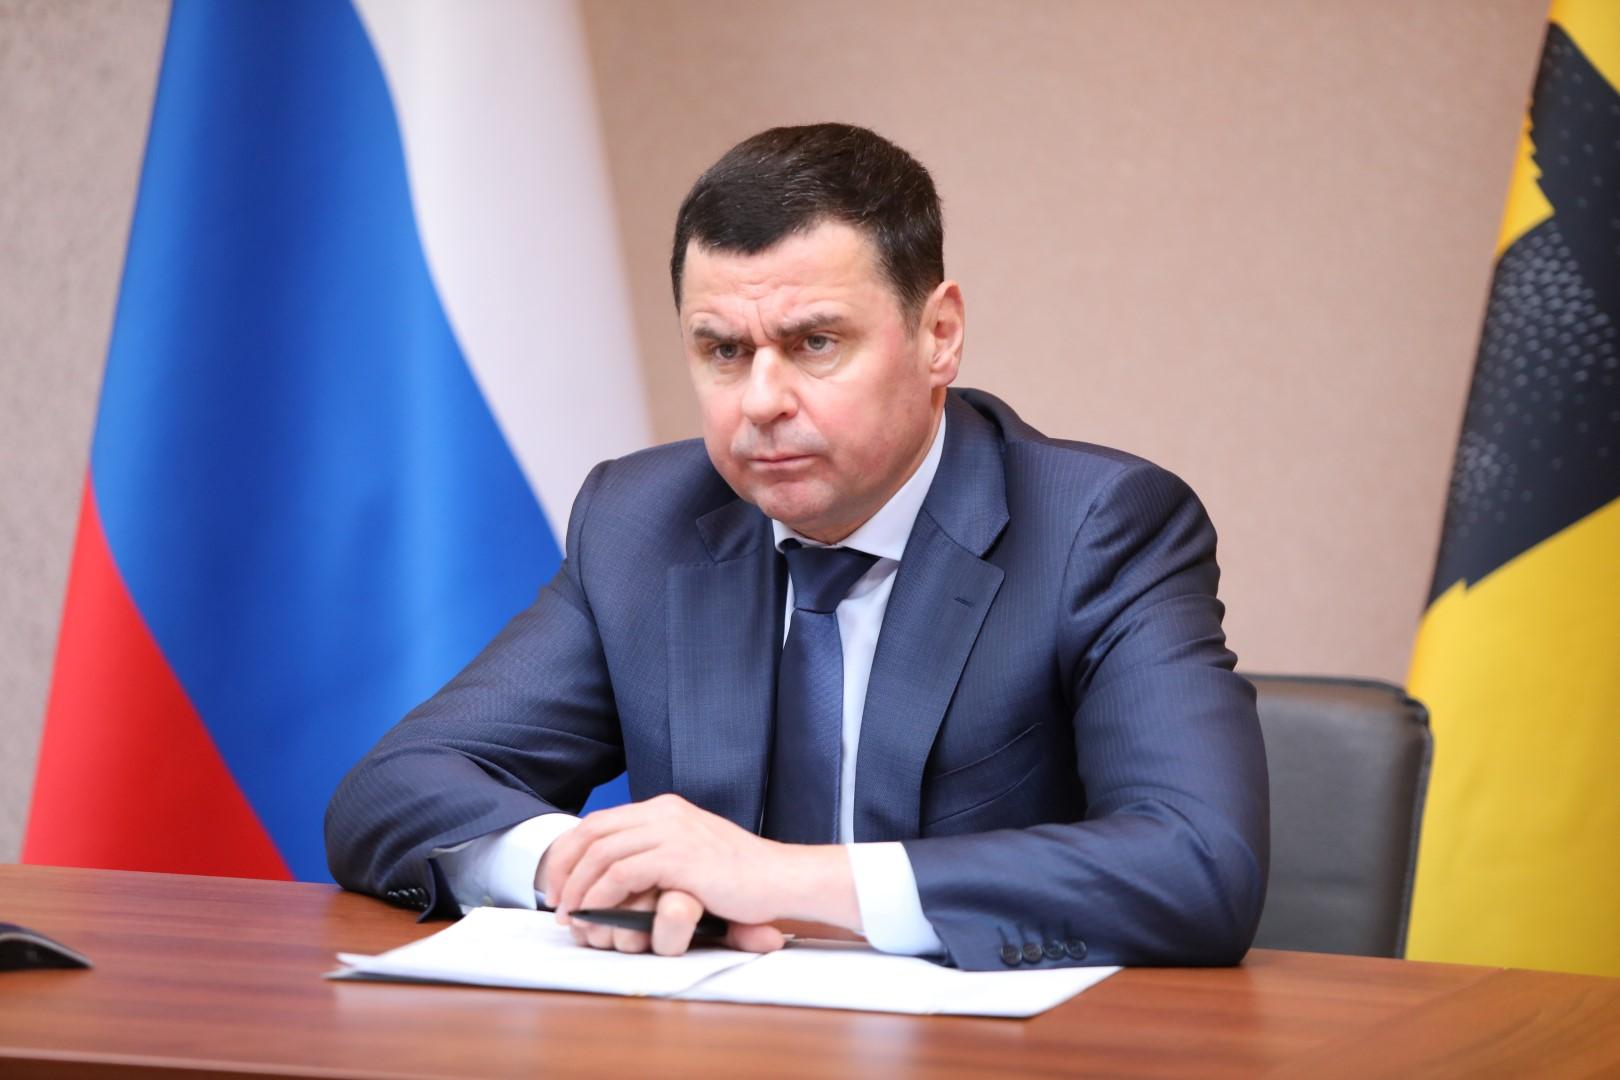 Дмитрий Миронов: новый ФОК построят в Некоузском районе в рамках договоренностей с ПАО «Газпром»